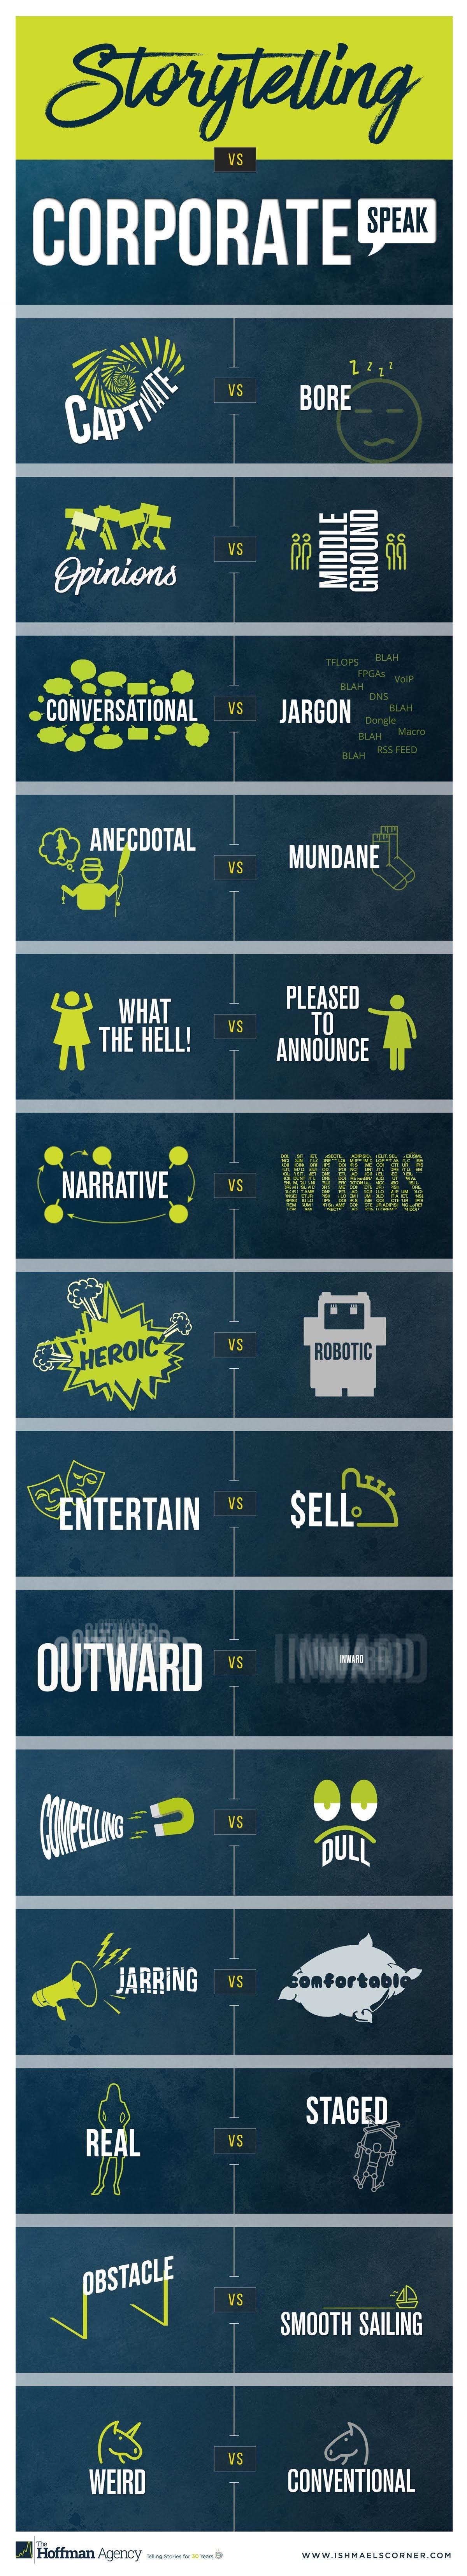 Storytelling vs Corporate Speak #Infographic